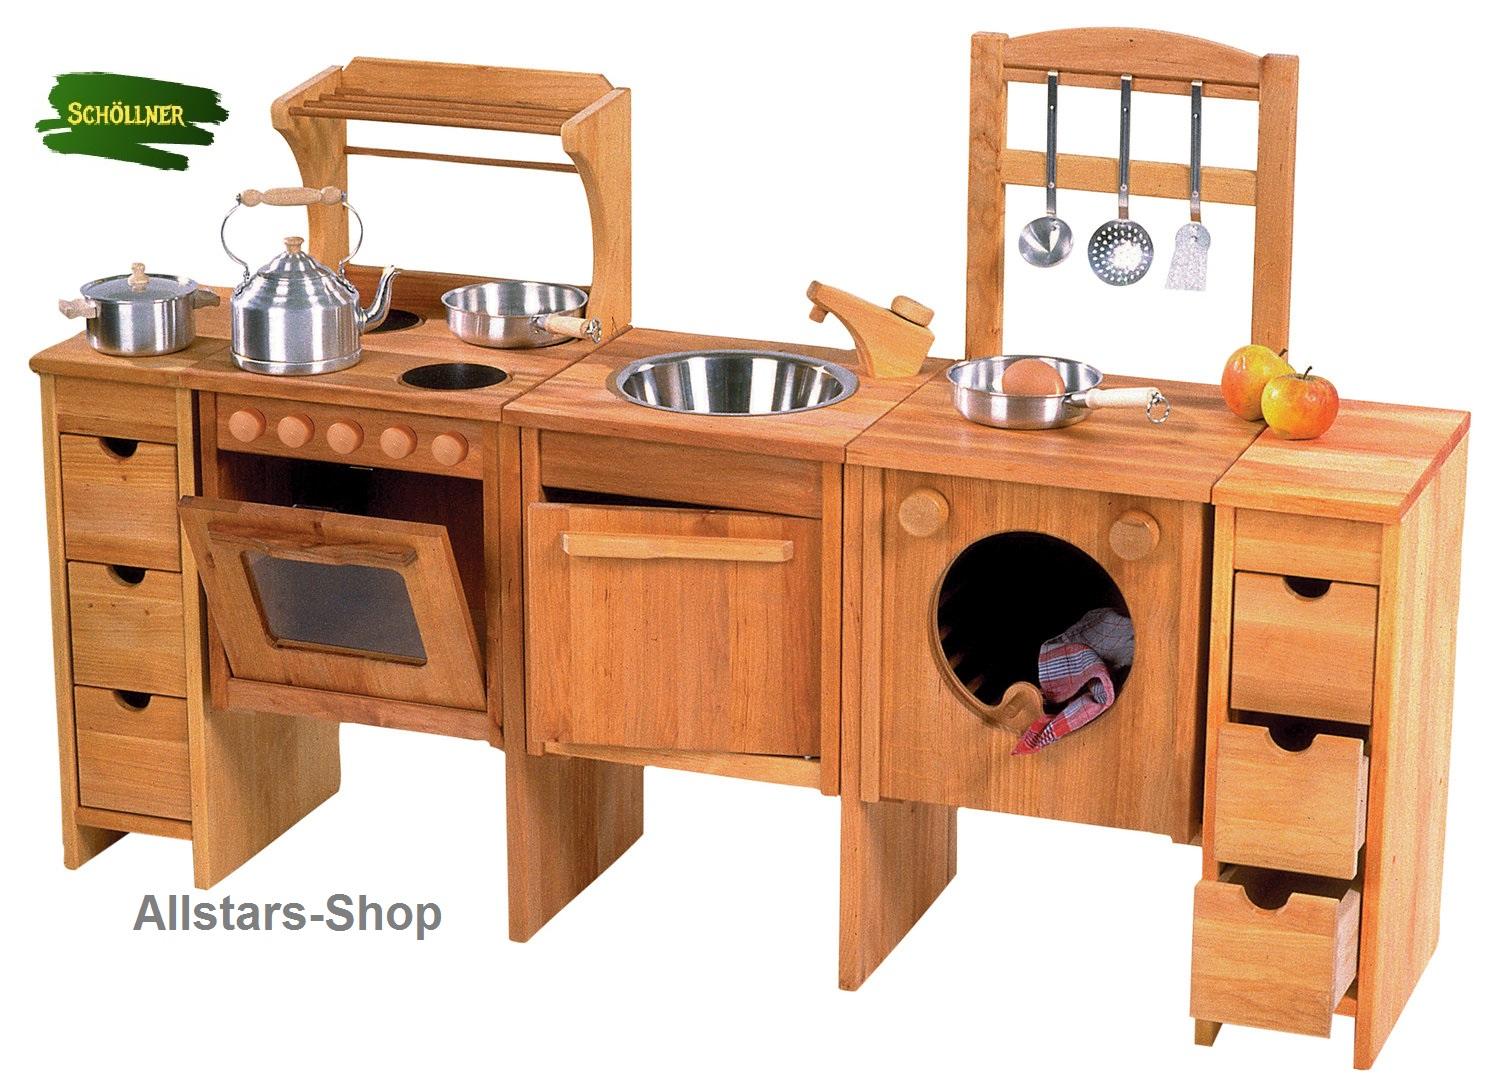 Schöllner Kinderküche Spielküche Star Maxi aus Holz mit Herdplatten,  Waschmaschine, Backofen, Schrank und Spüle für Kindergarten